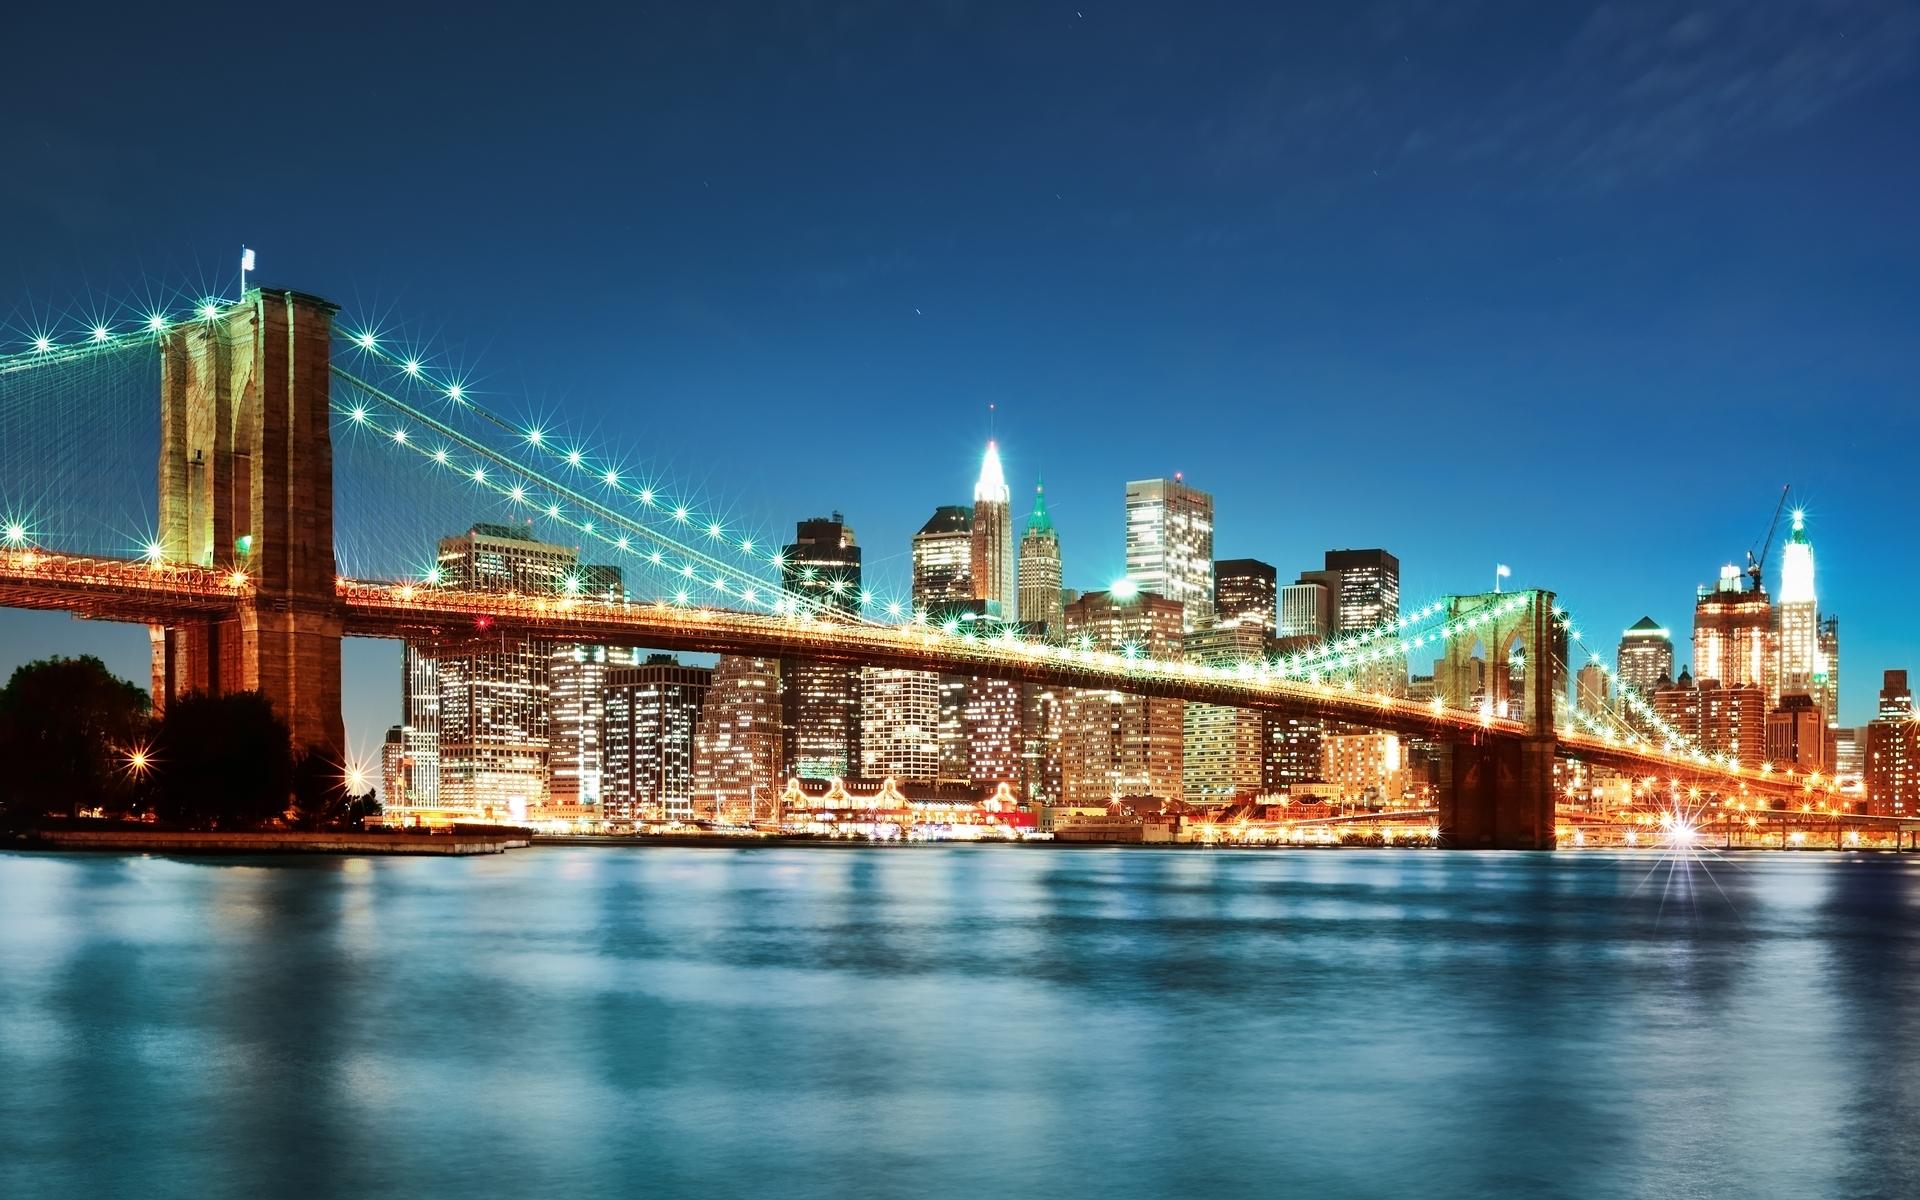 44993 скачать обои Пейзаж, Города, Мосты - заставки и картинки бесплатно